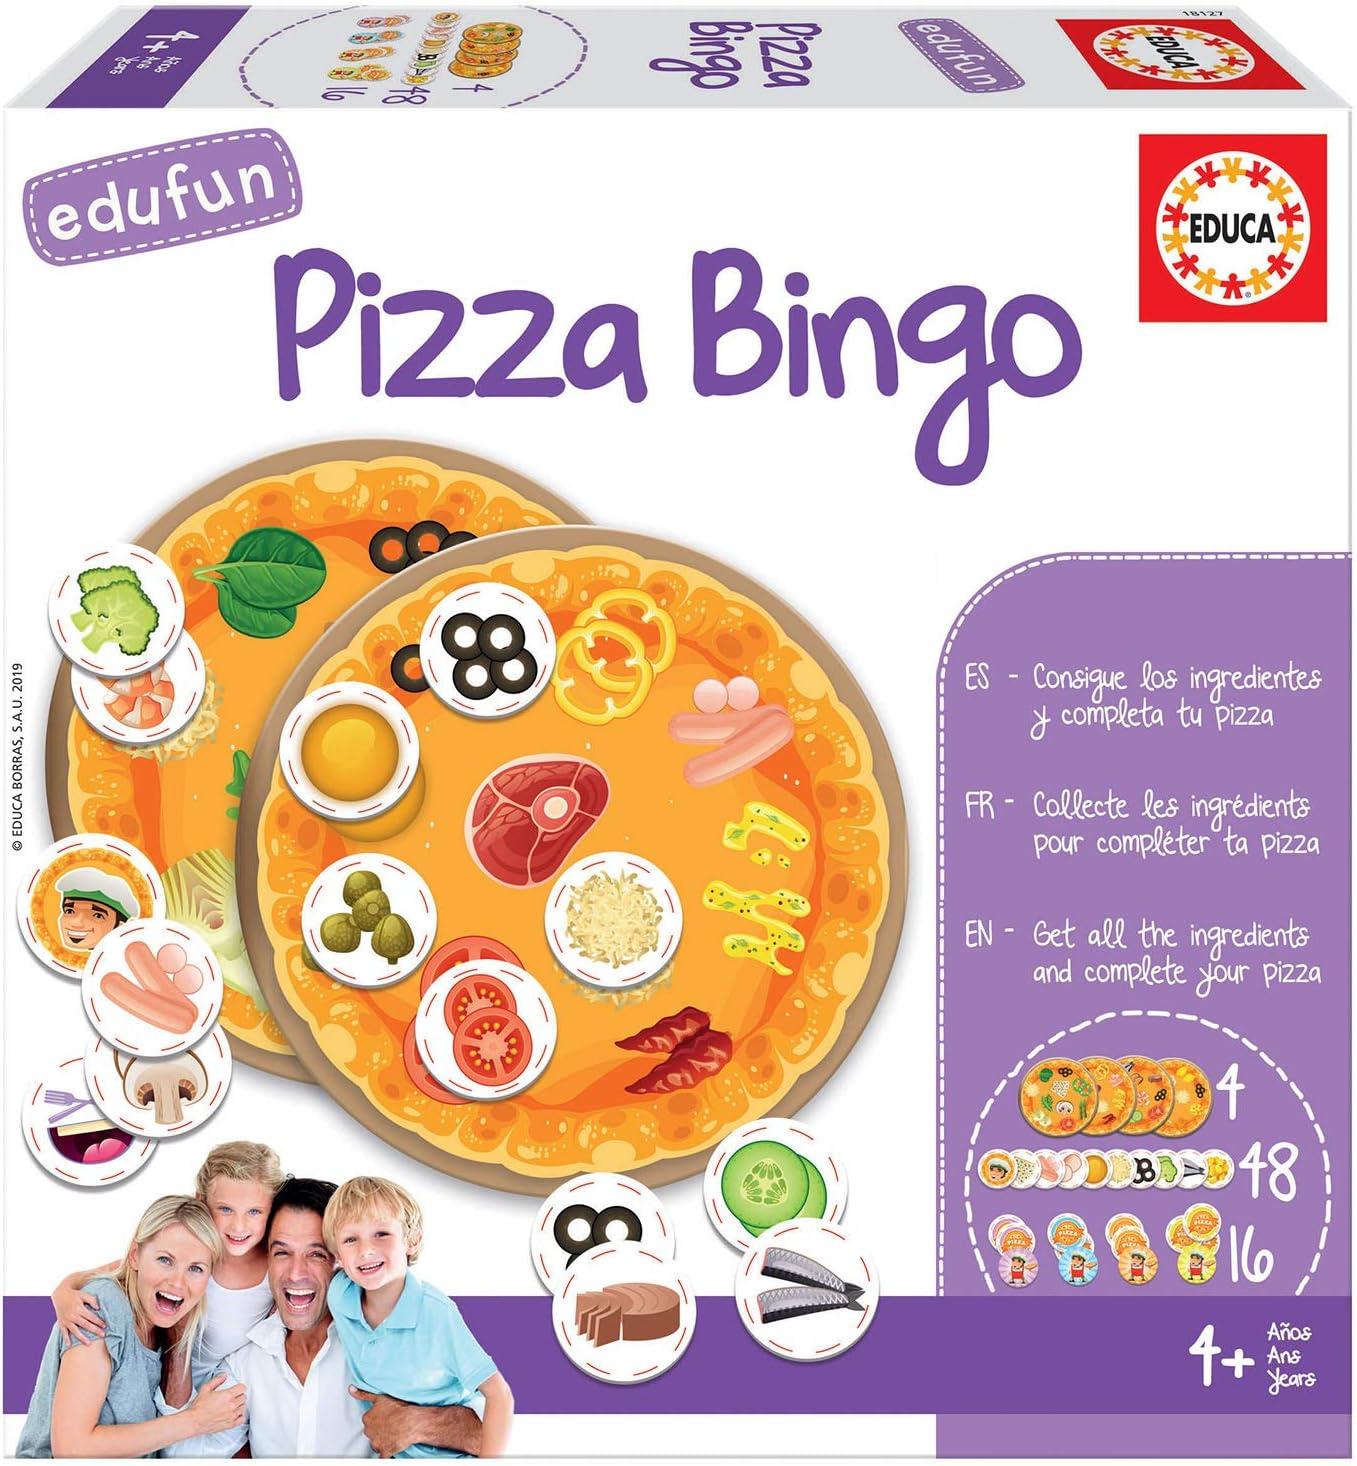 Educa - Edufun Pizza Bingo, Juego de mesa para niños: Prepara tu pizza jugando al Bingo, a partir de 24 meses (18127): Amazon.es: Juguetes y juegos